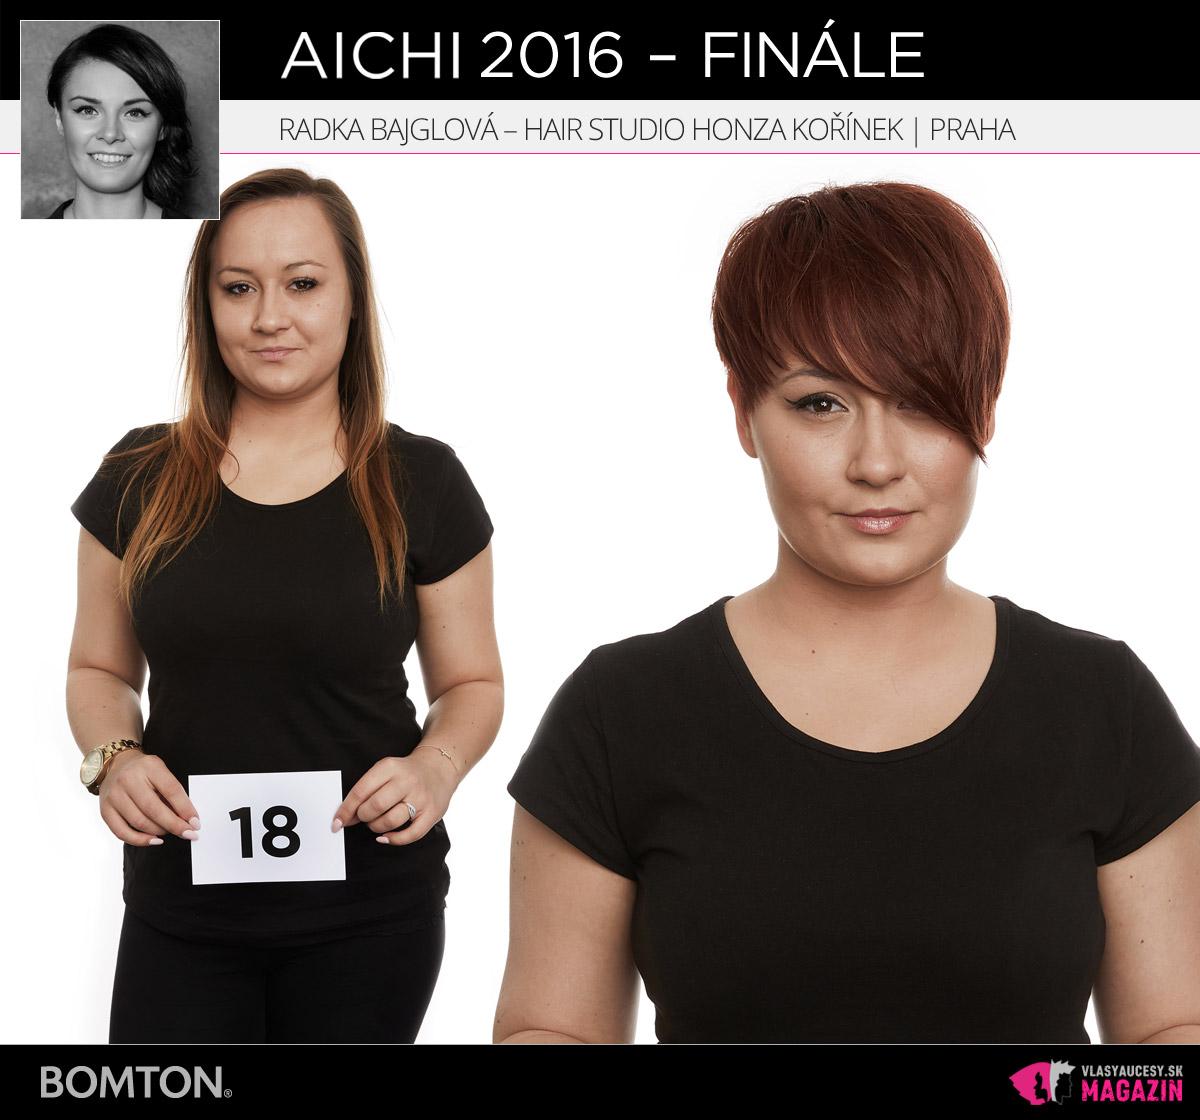 Radka Bajglová – Hair studio Honza Kořínek, Praha | Premeny AICHI 2016 – postupujúci do finálového kola